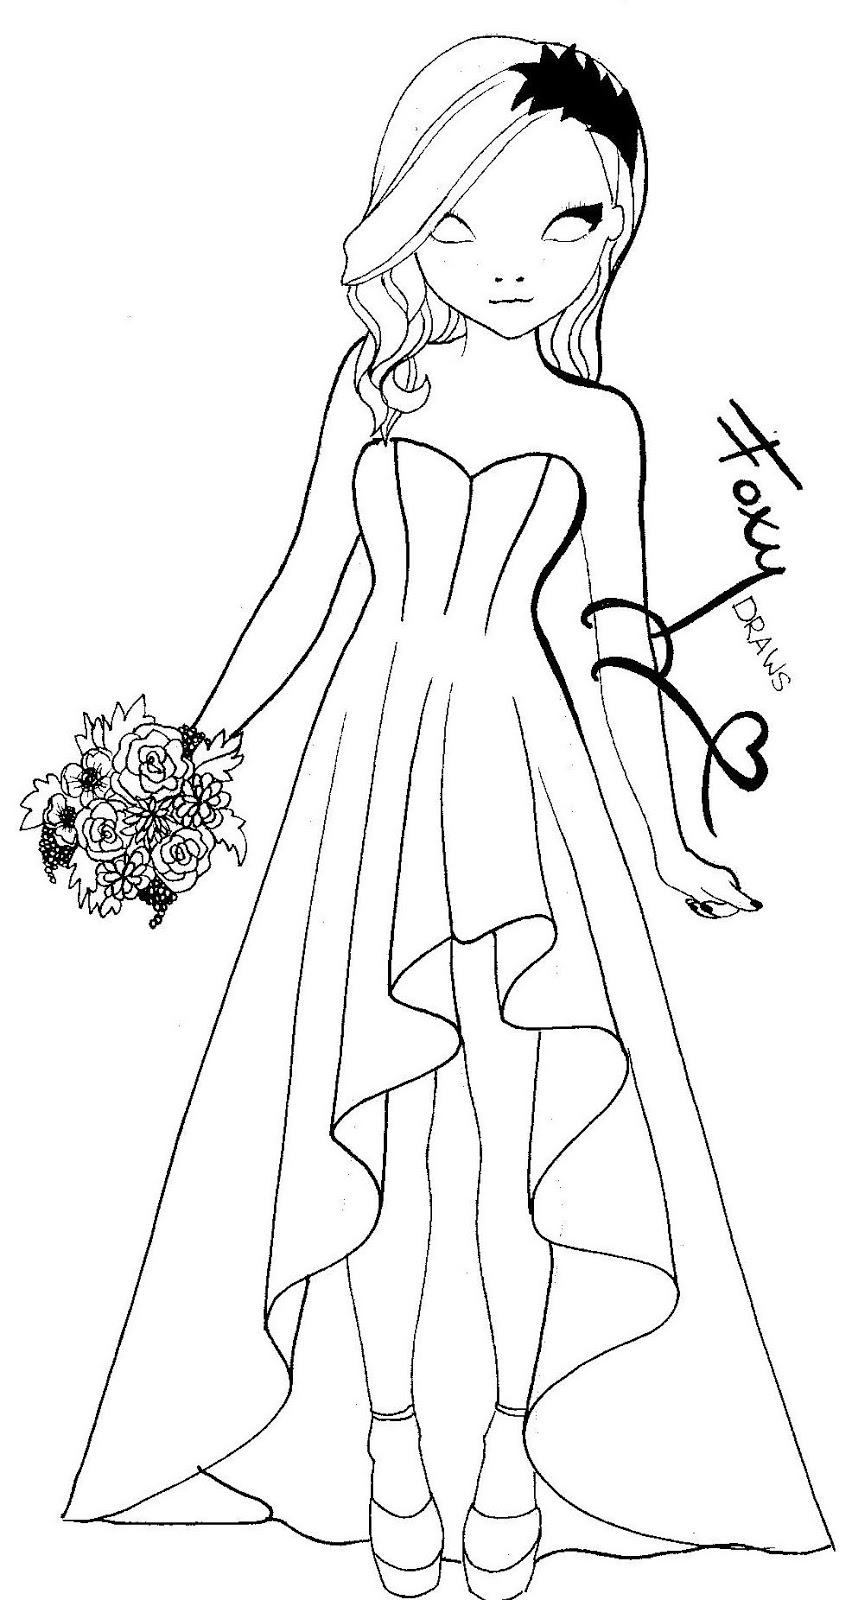 Malvorlagen Topmodel Hochzeit | My blog